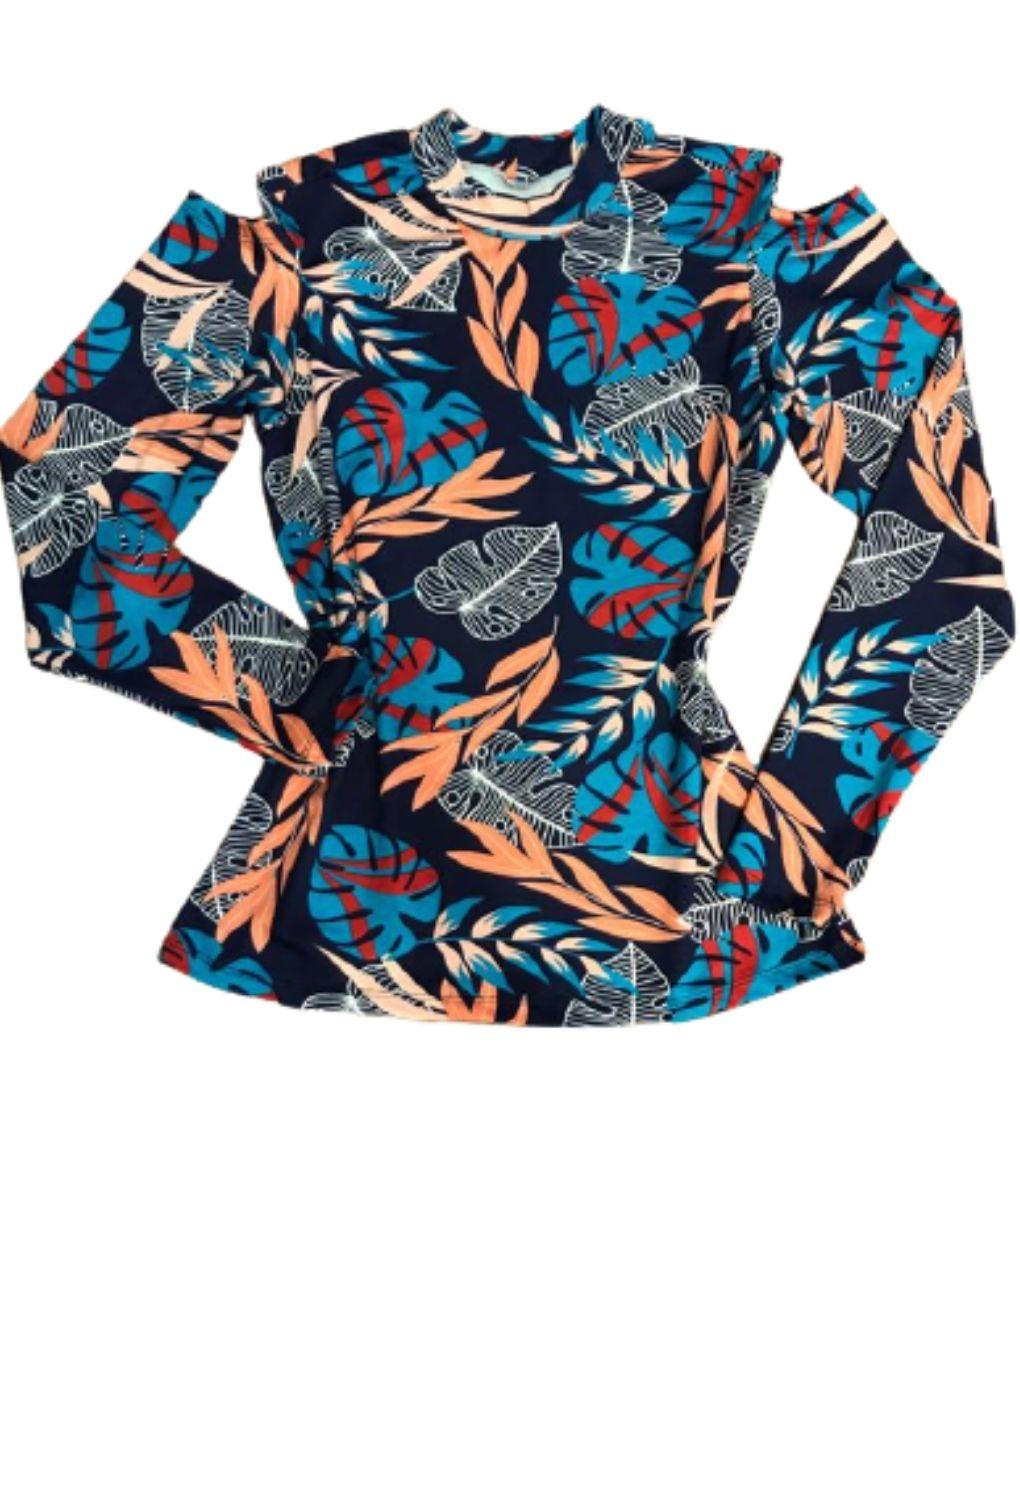 Blusa Feminina Ombros Vazados Plus Size   - ModaStore